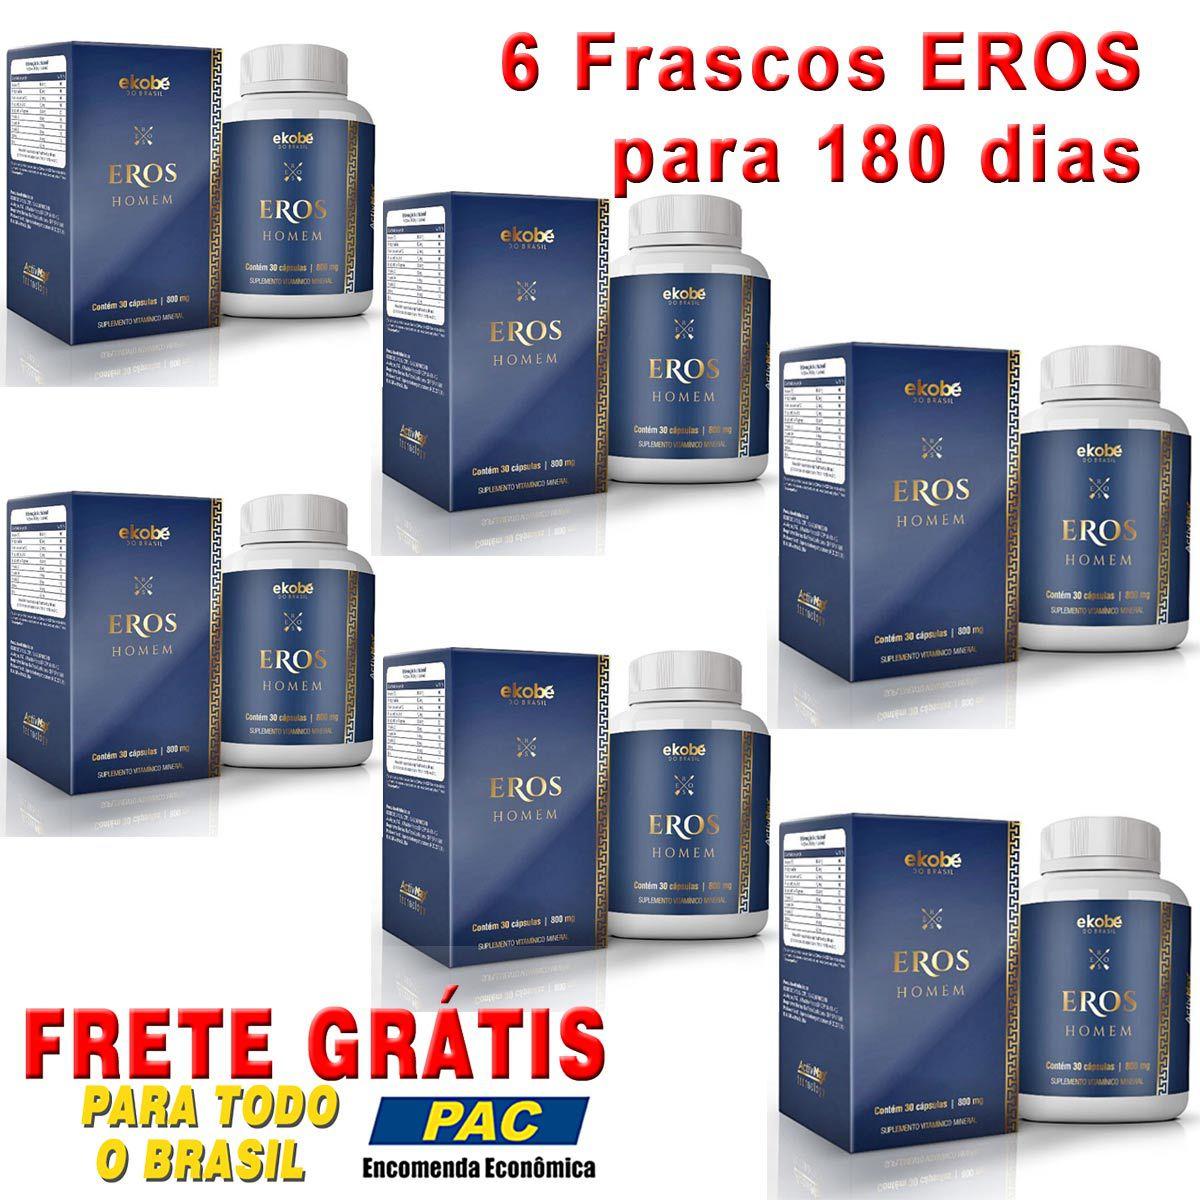 Estimulante Eros Homem Kit 06 Unidades  - Loja Saúde - Diagnósticos e Produtos Naturais